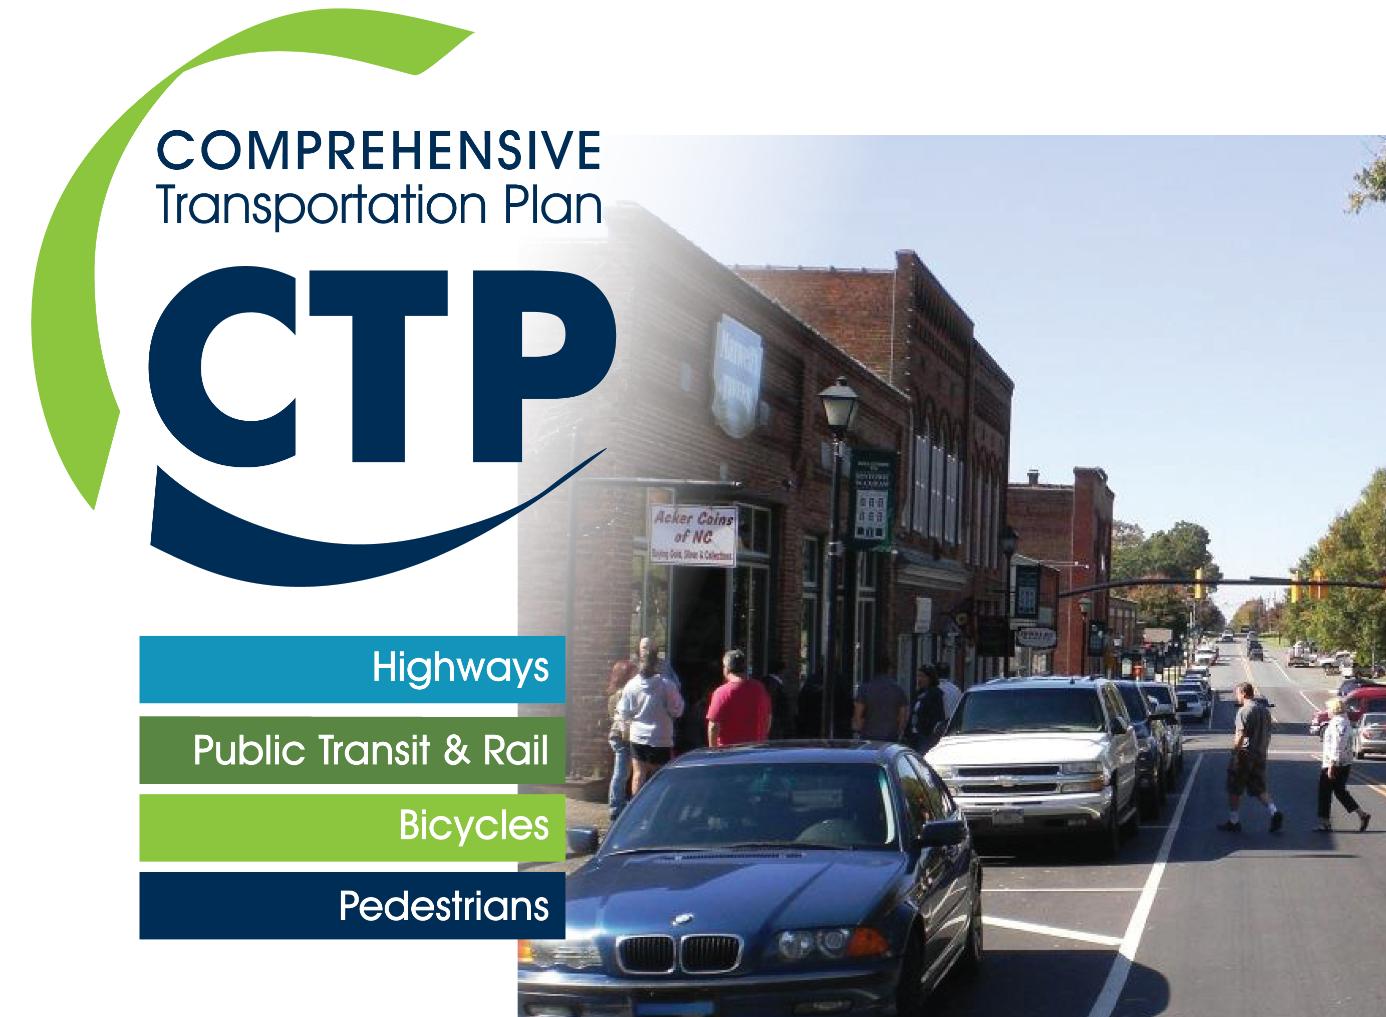 CTP - Brochure